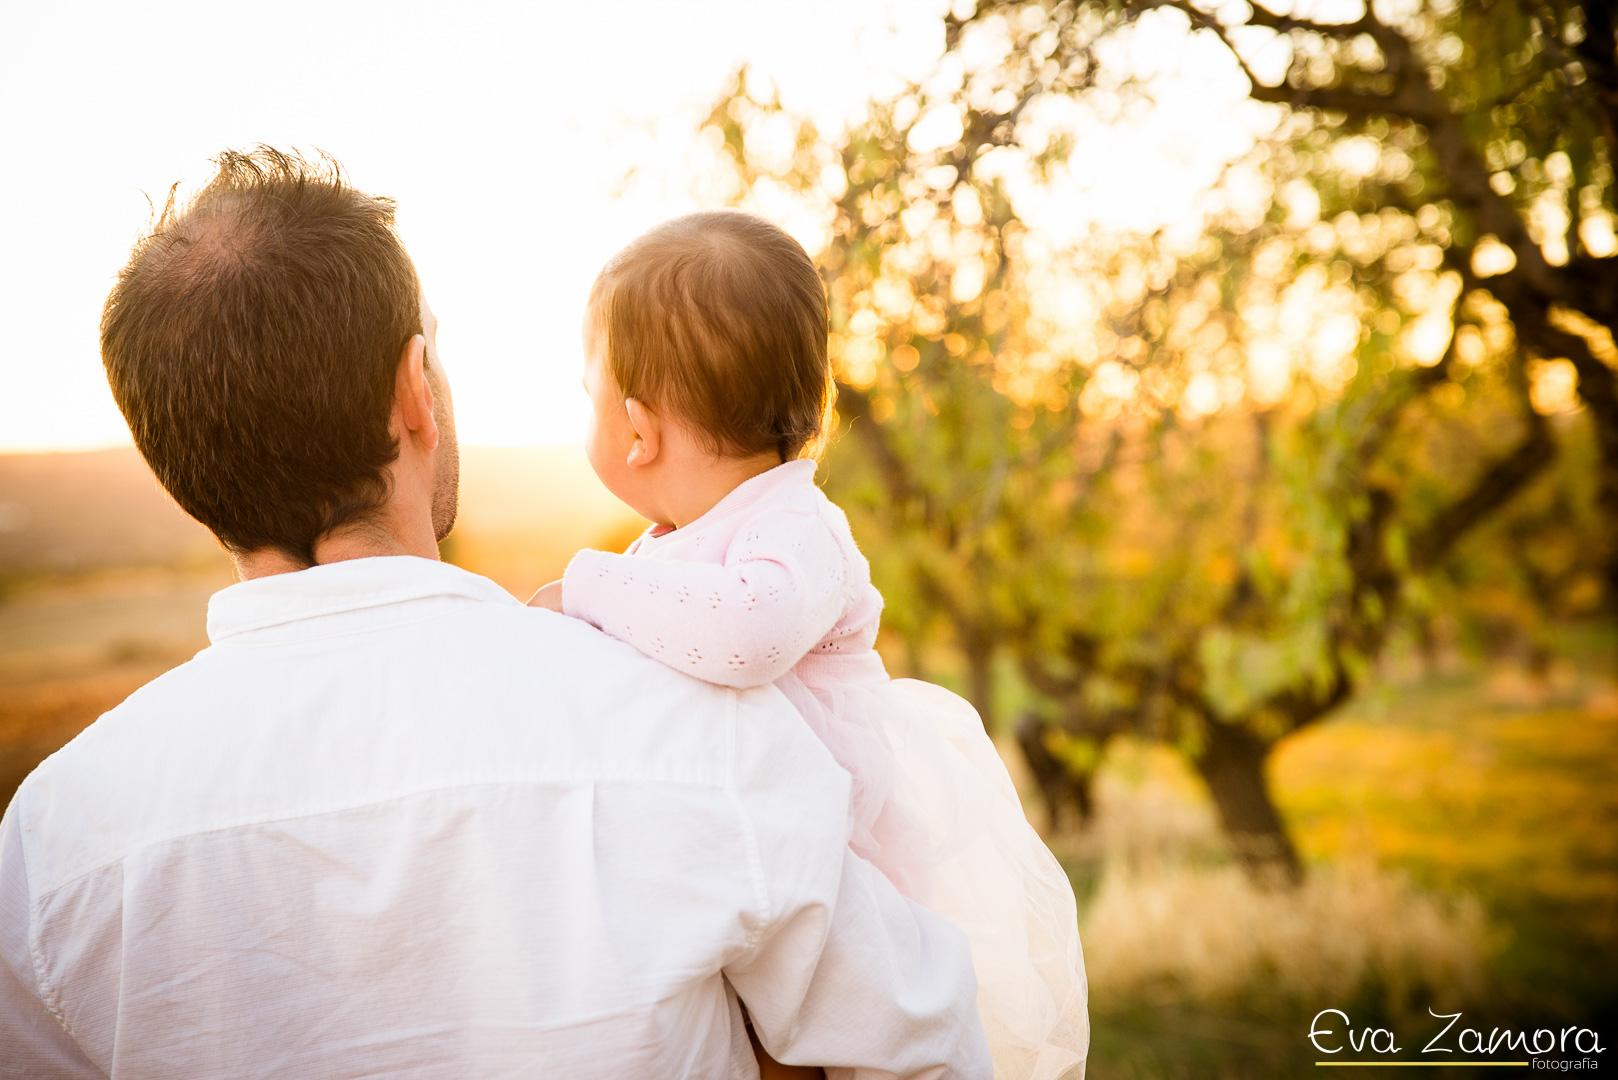 EVA ZAMORA fotografía_reportaje fotográfico de familia